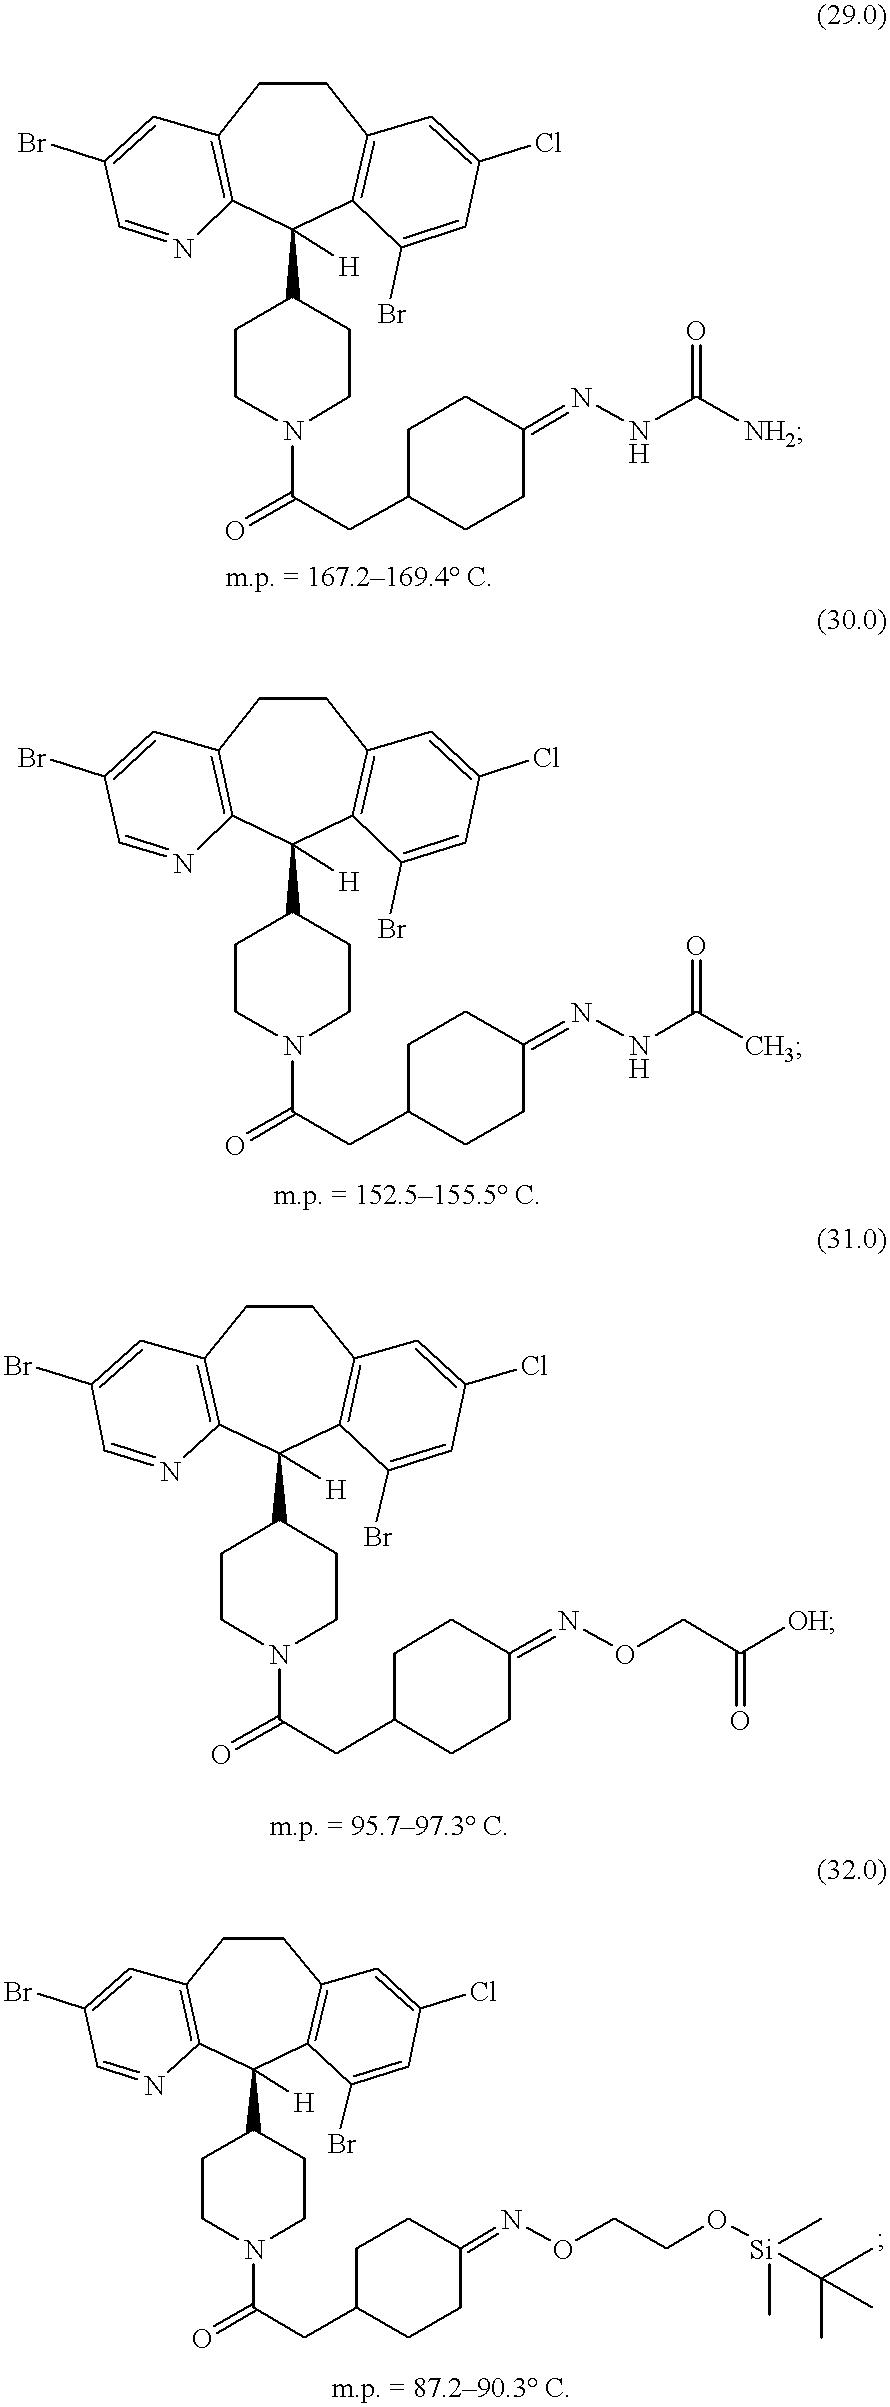 Figure US06211193-20010403-C00024